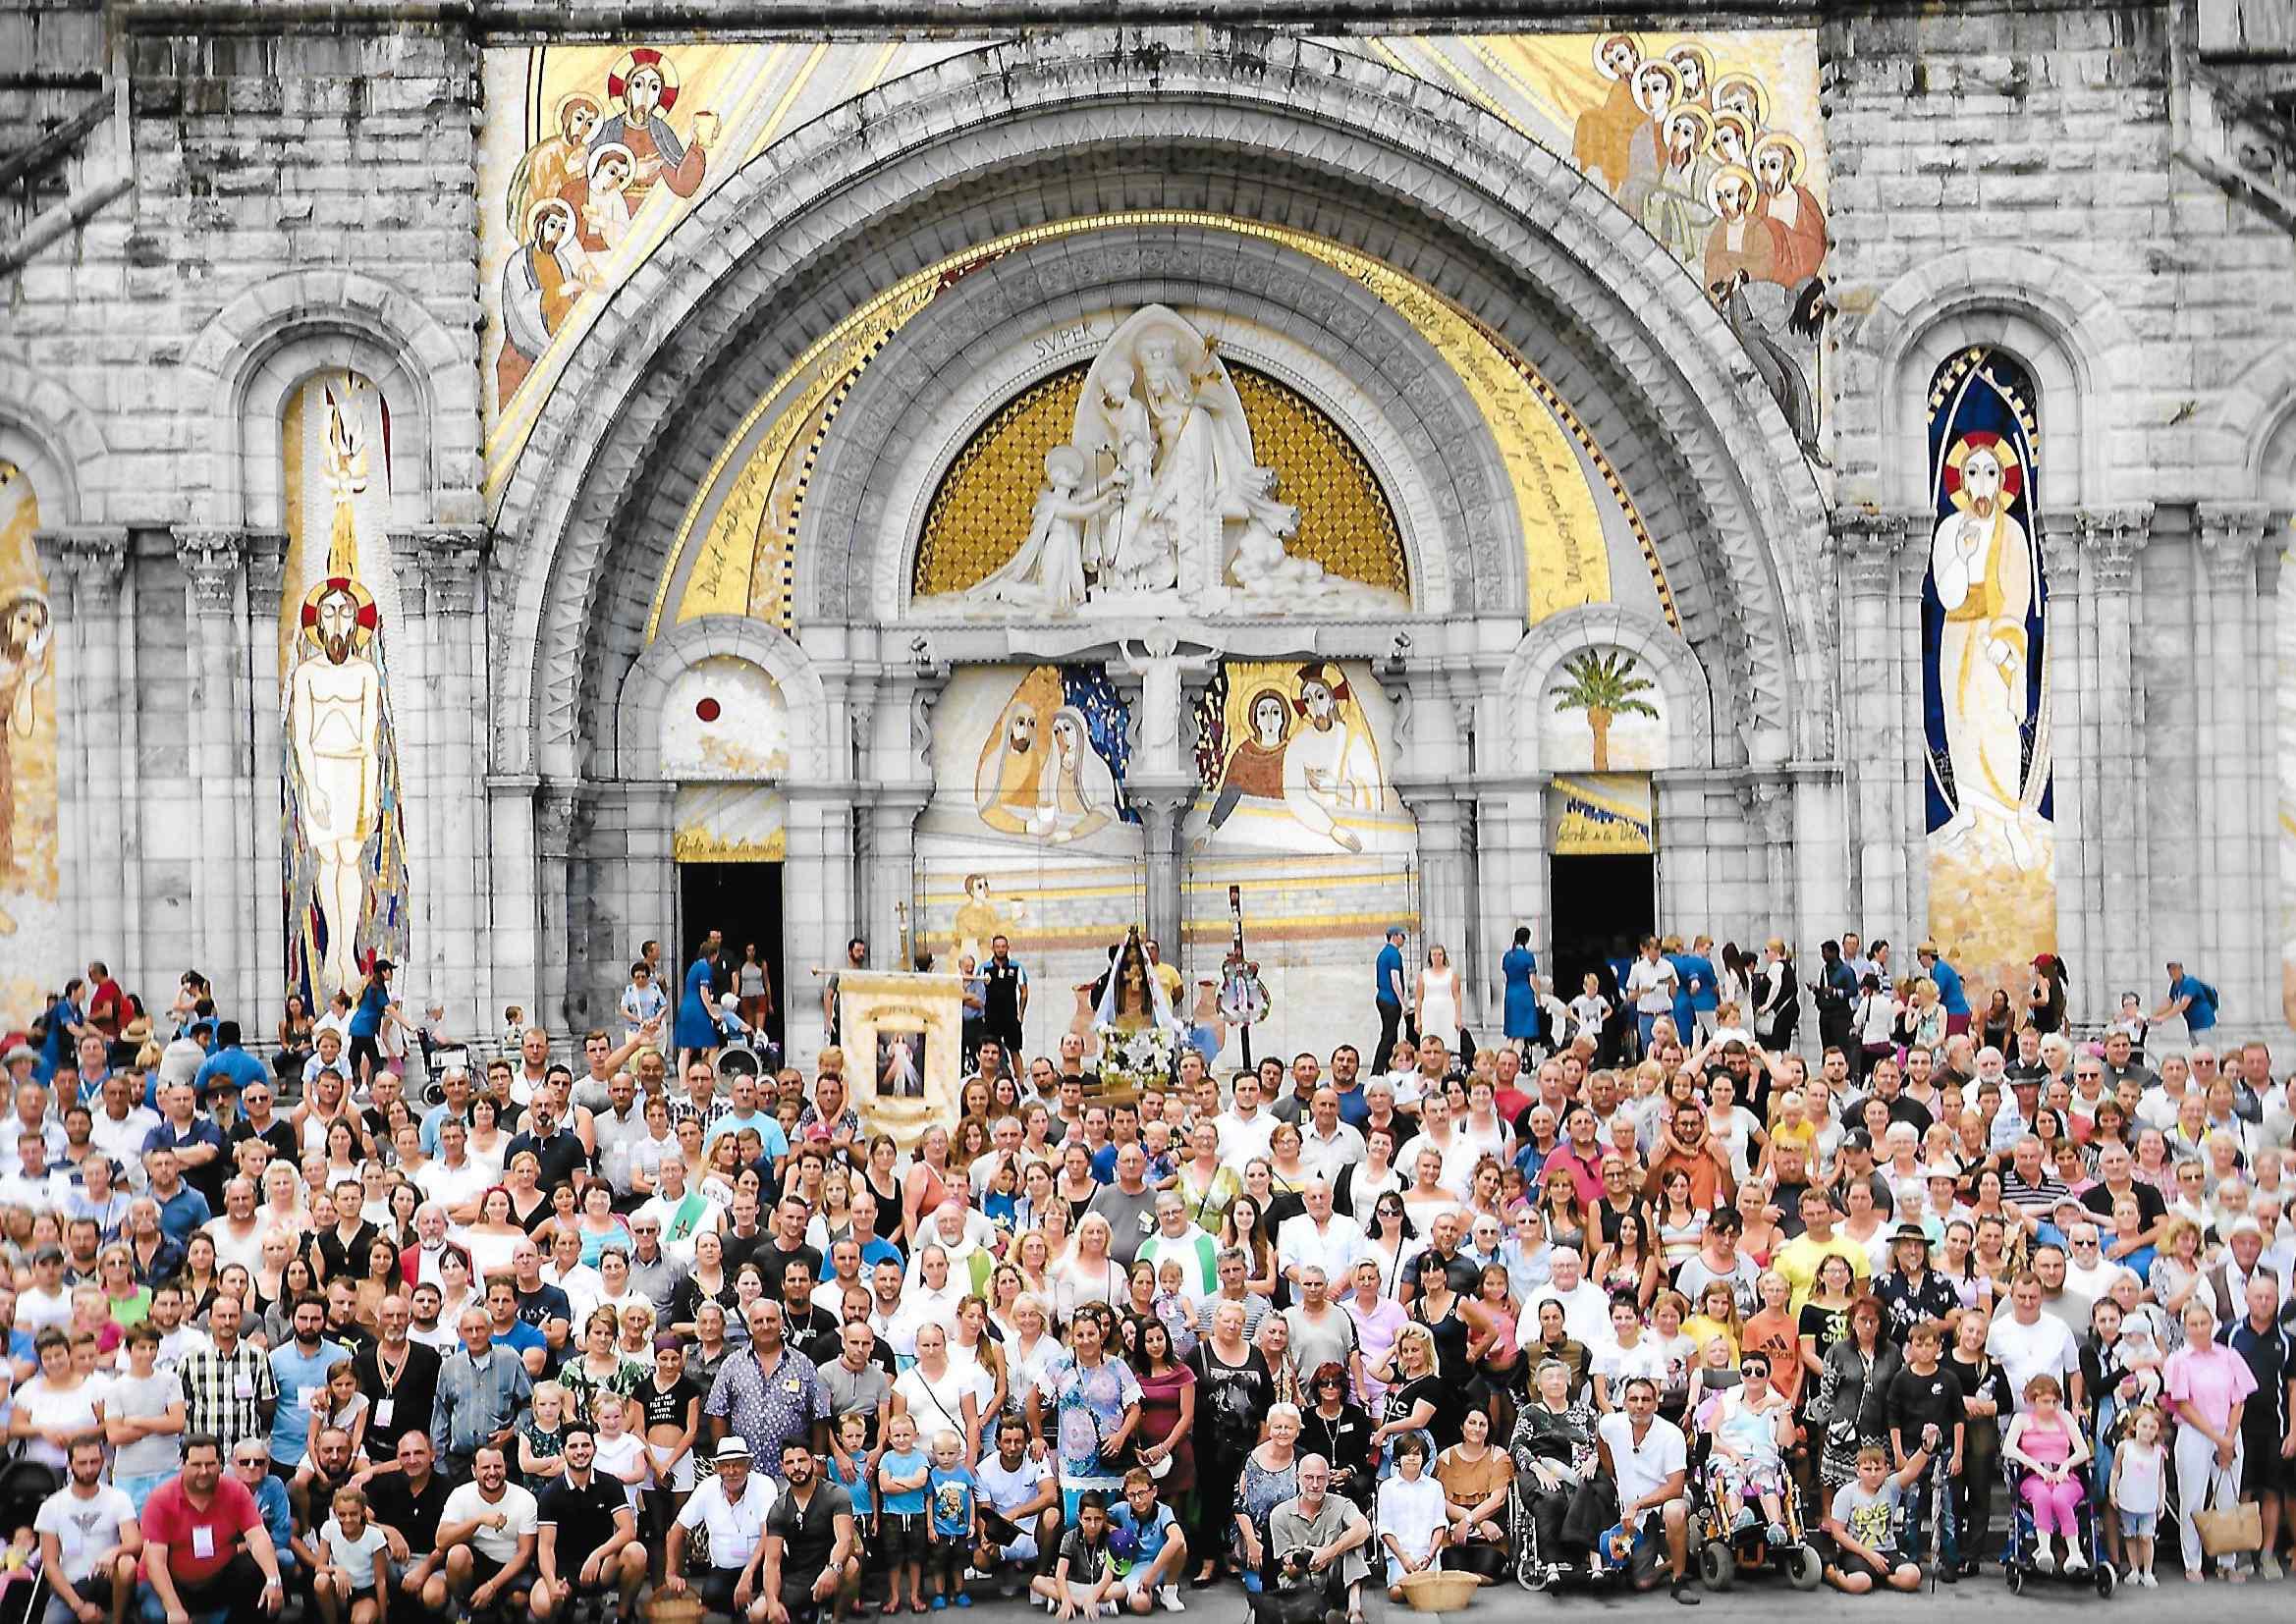 Calendrier Des Pelerinages Lourdes 2019.Lourdes 2019 Venez En Famille Paroisses Aix Arles